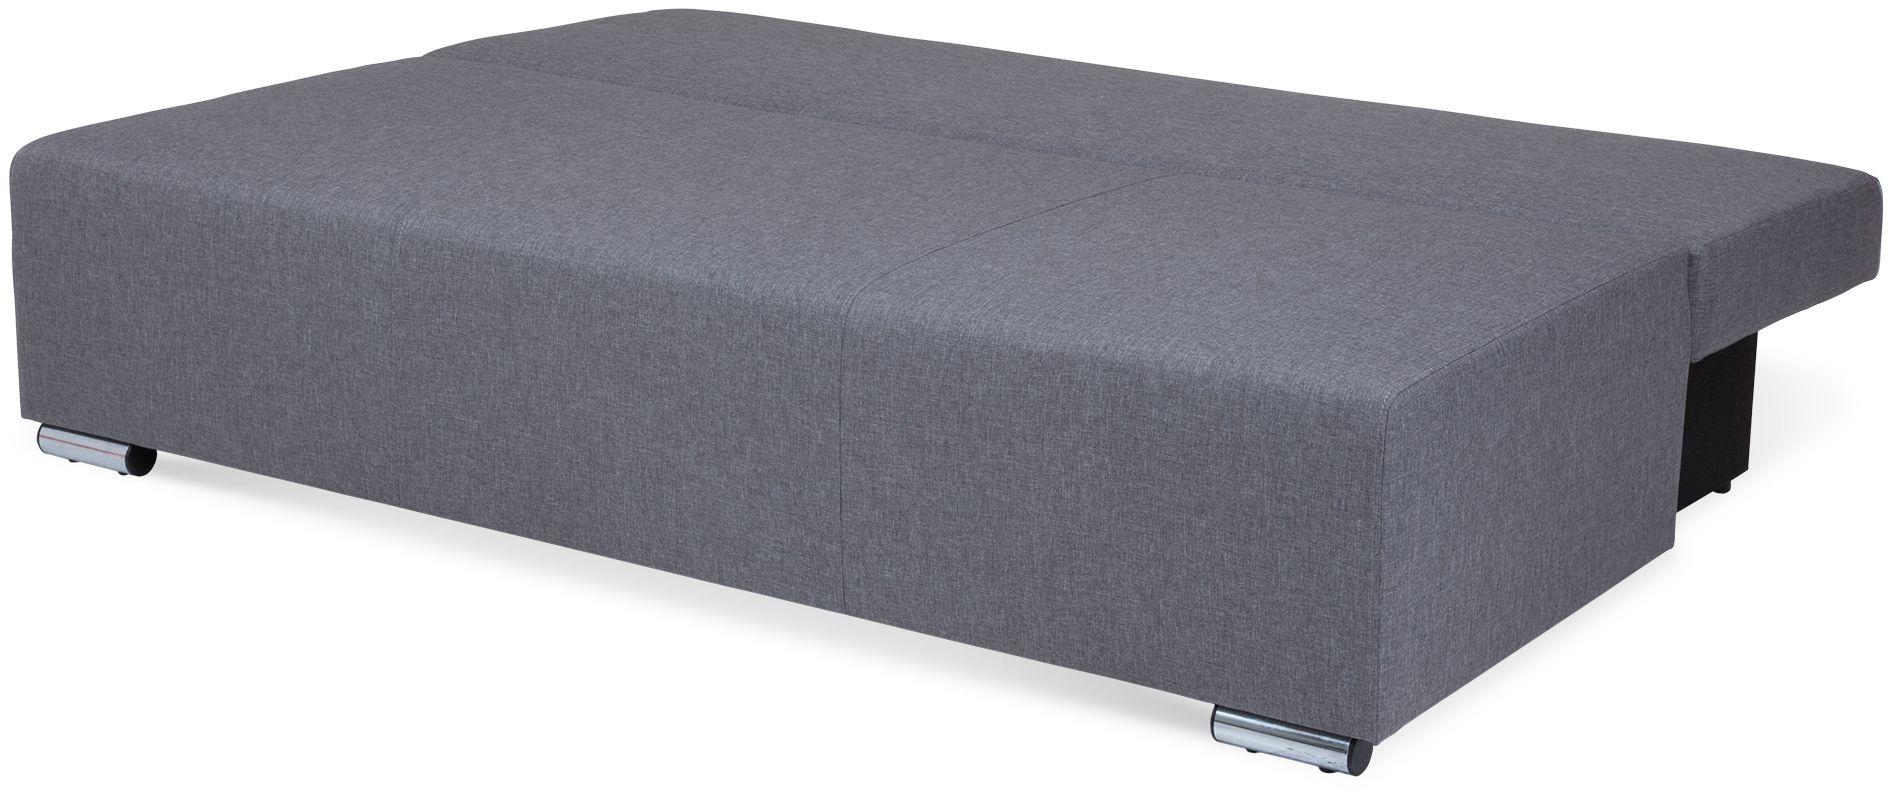 sofa otis 1 11 1 1